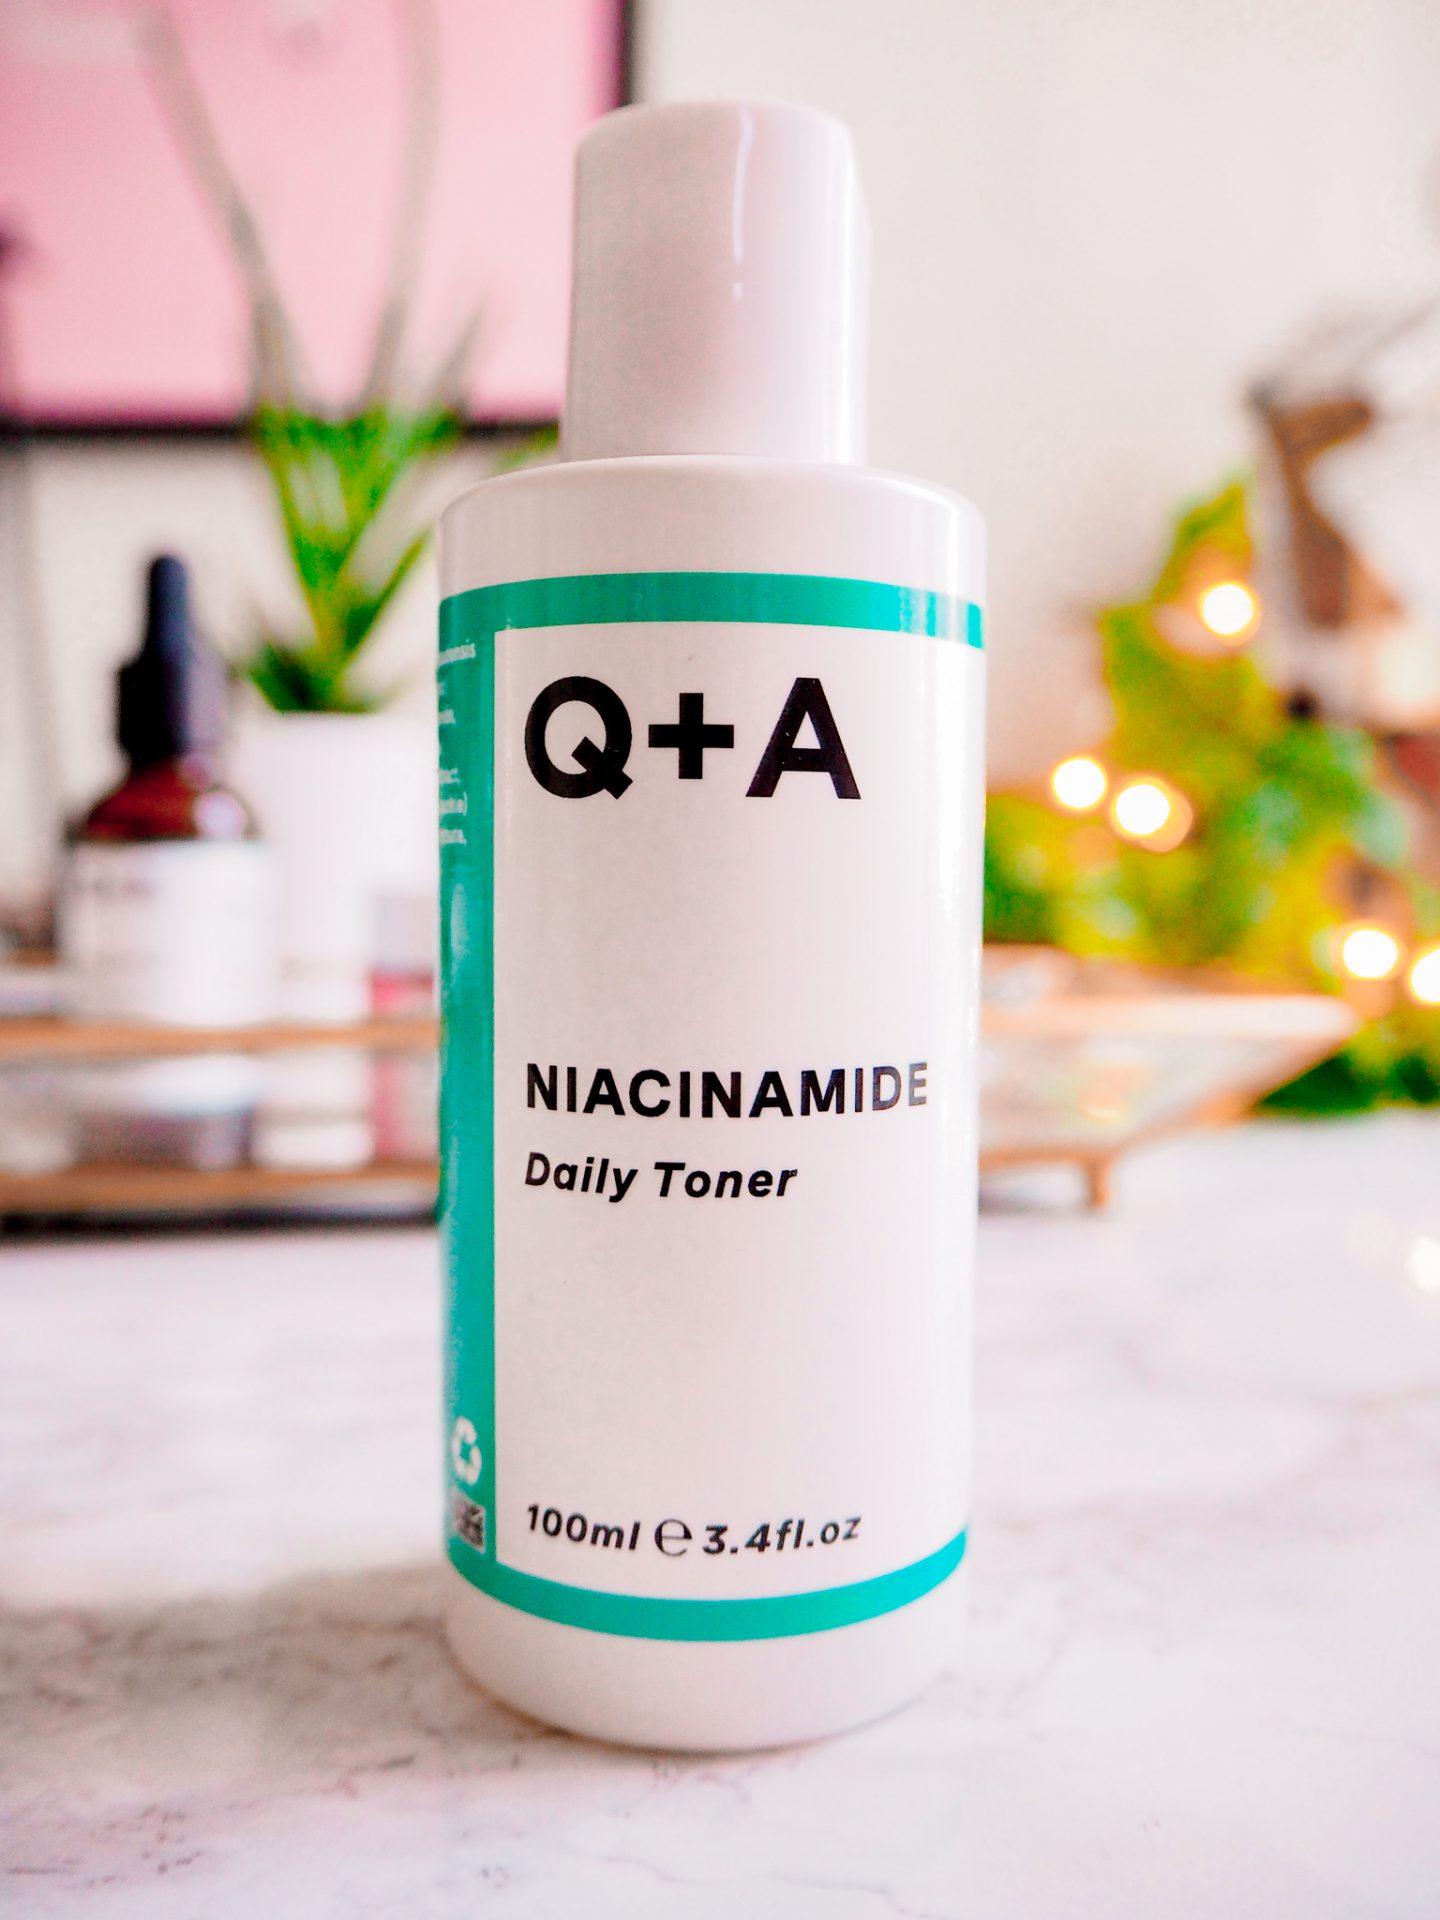 Q+A Daily Niacinamide Toner